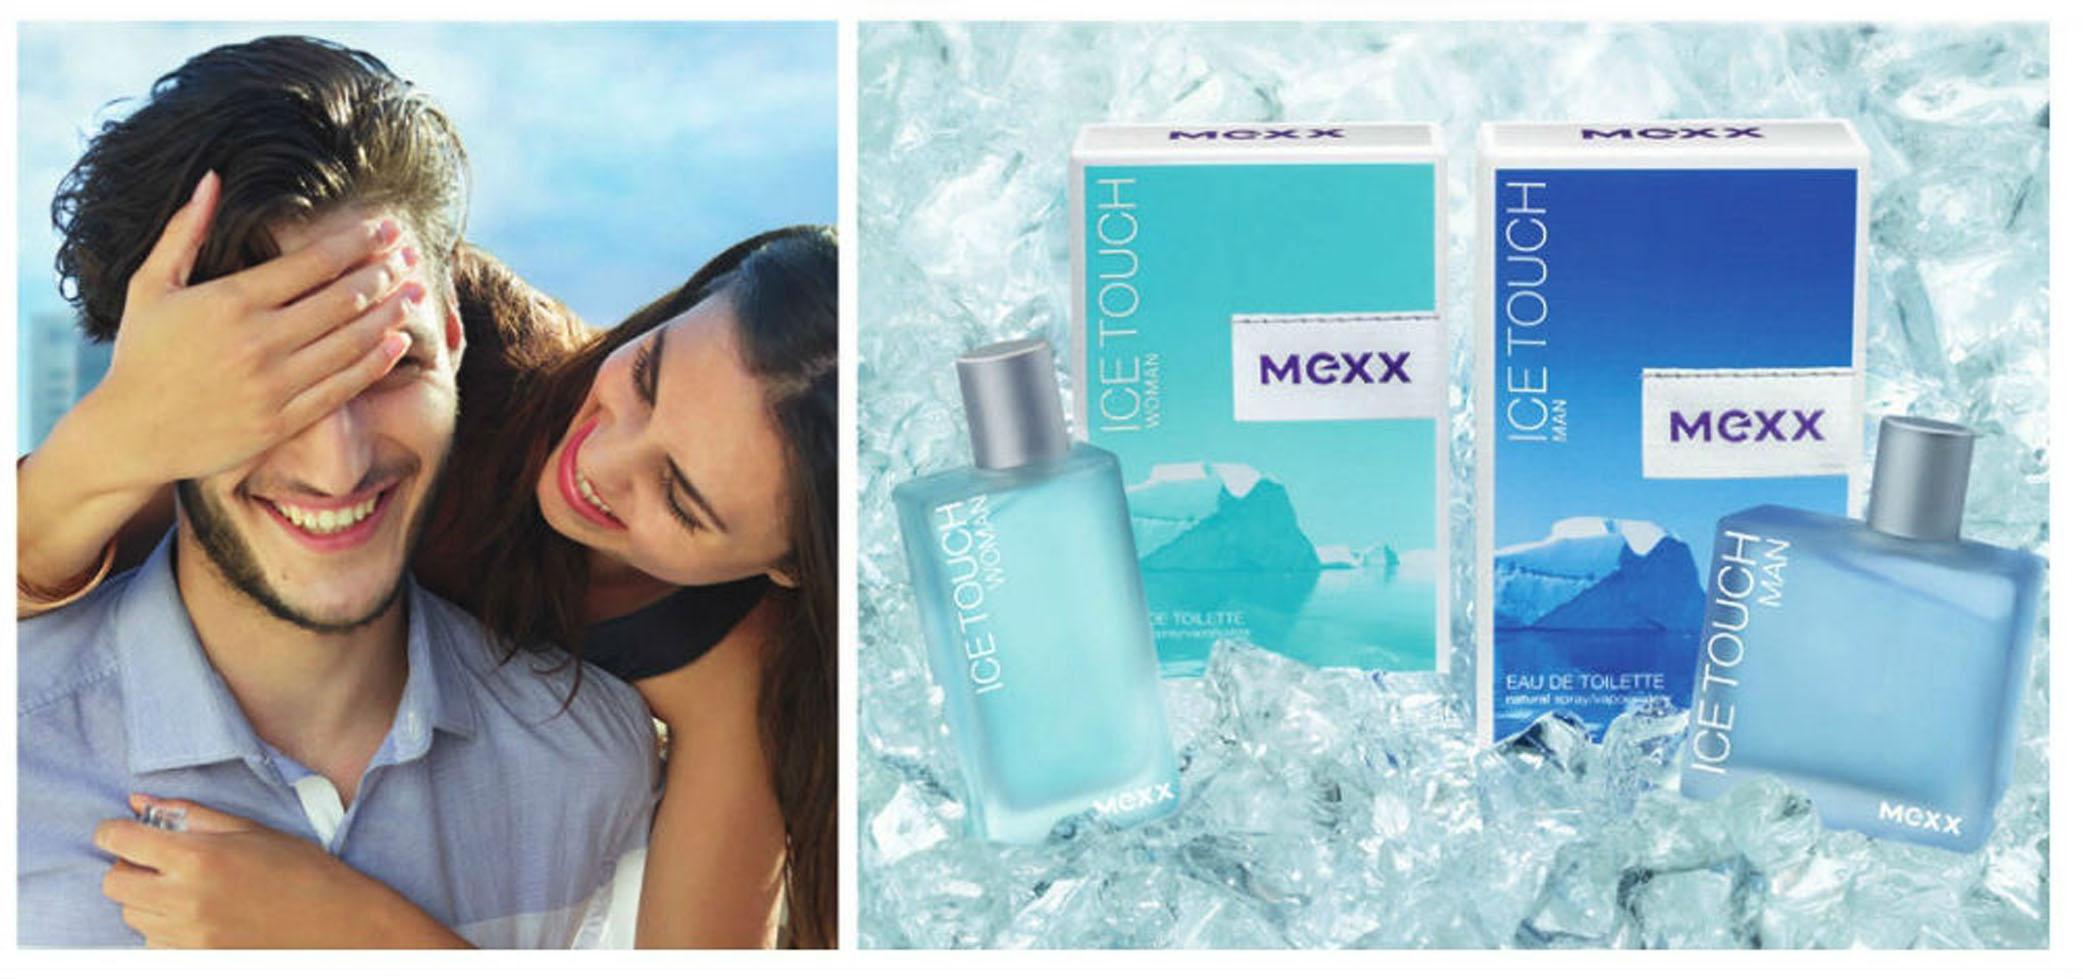 Mexx Гель для душа Ice Touch, парфюмерный, женский, 150 мл